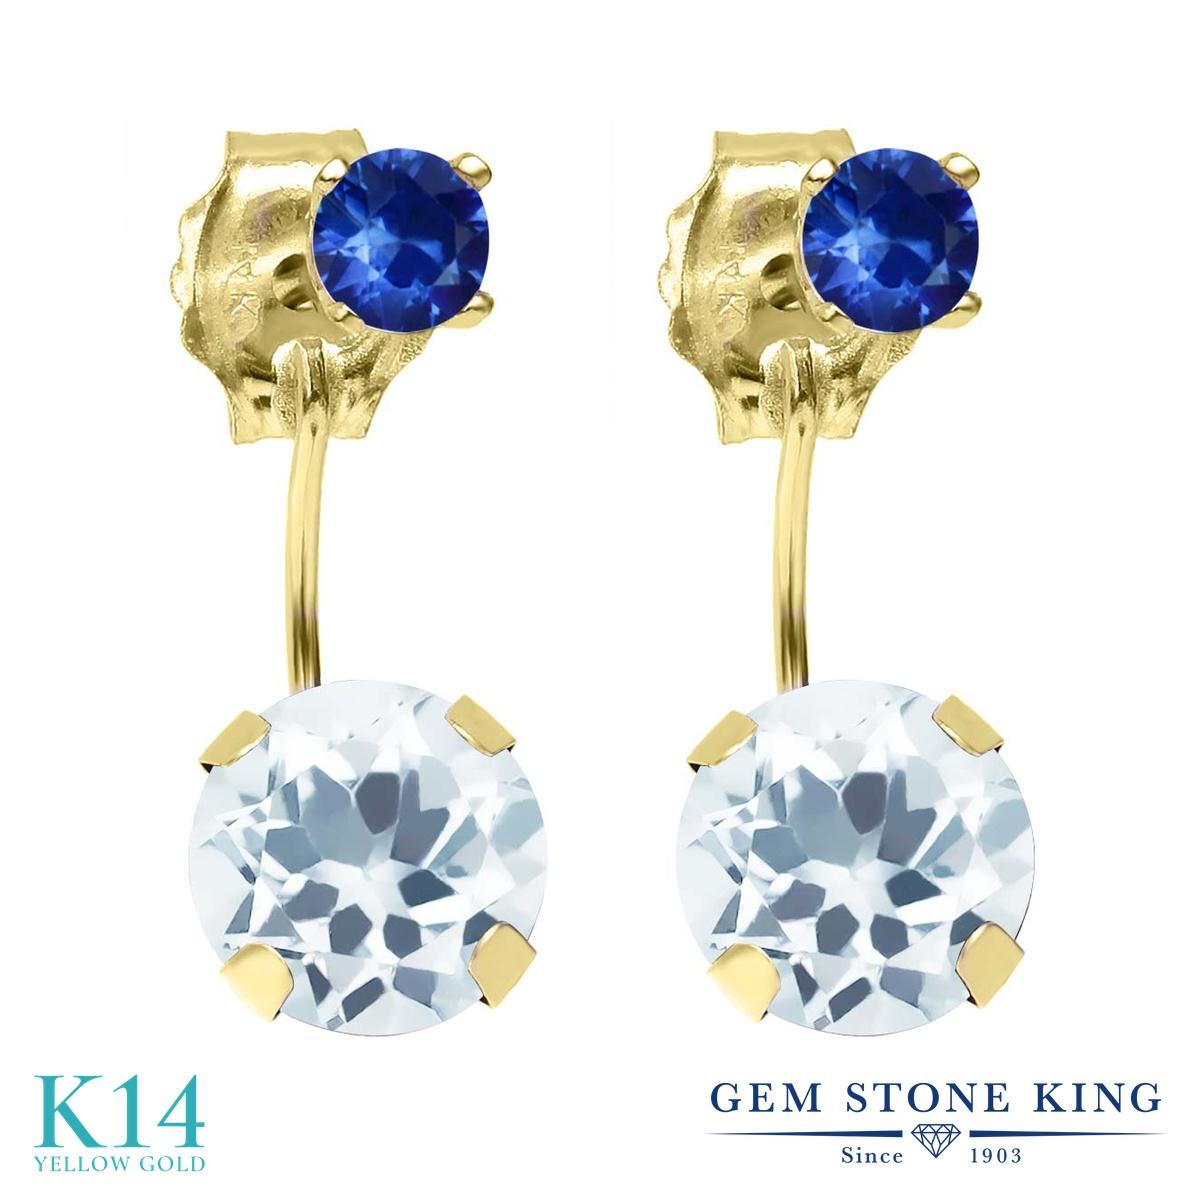 Gem Stone King 1.76カラット 天然 アクアマリン 天然 サファイア 14金 イエローゴールド(K14) ピアス レディース ぶら下がり 天然石 3月 誕生石 金属アレルギー対応 誕生日プレゼント